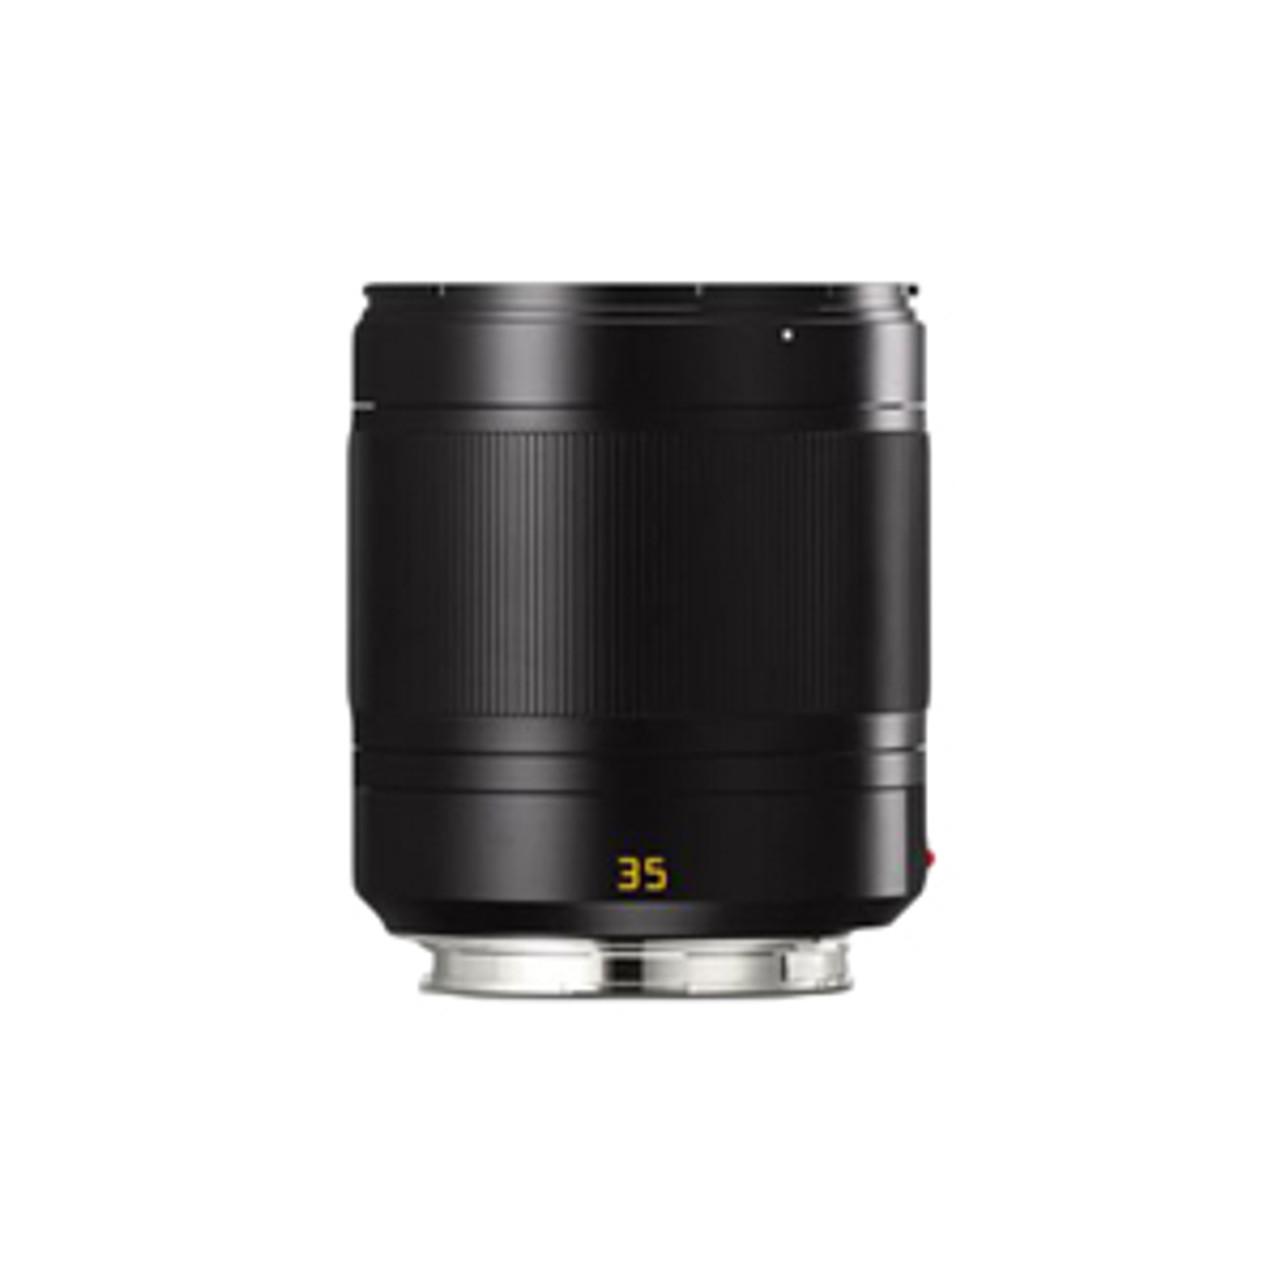 Leica Summilux-TL 35mm F1.4 ASPH Black Anodized (11084)